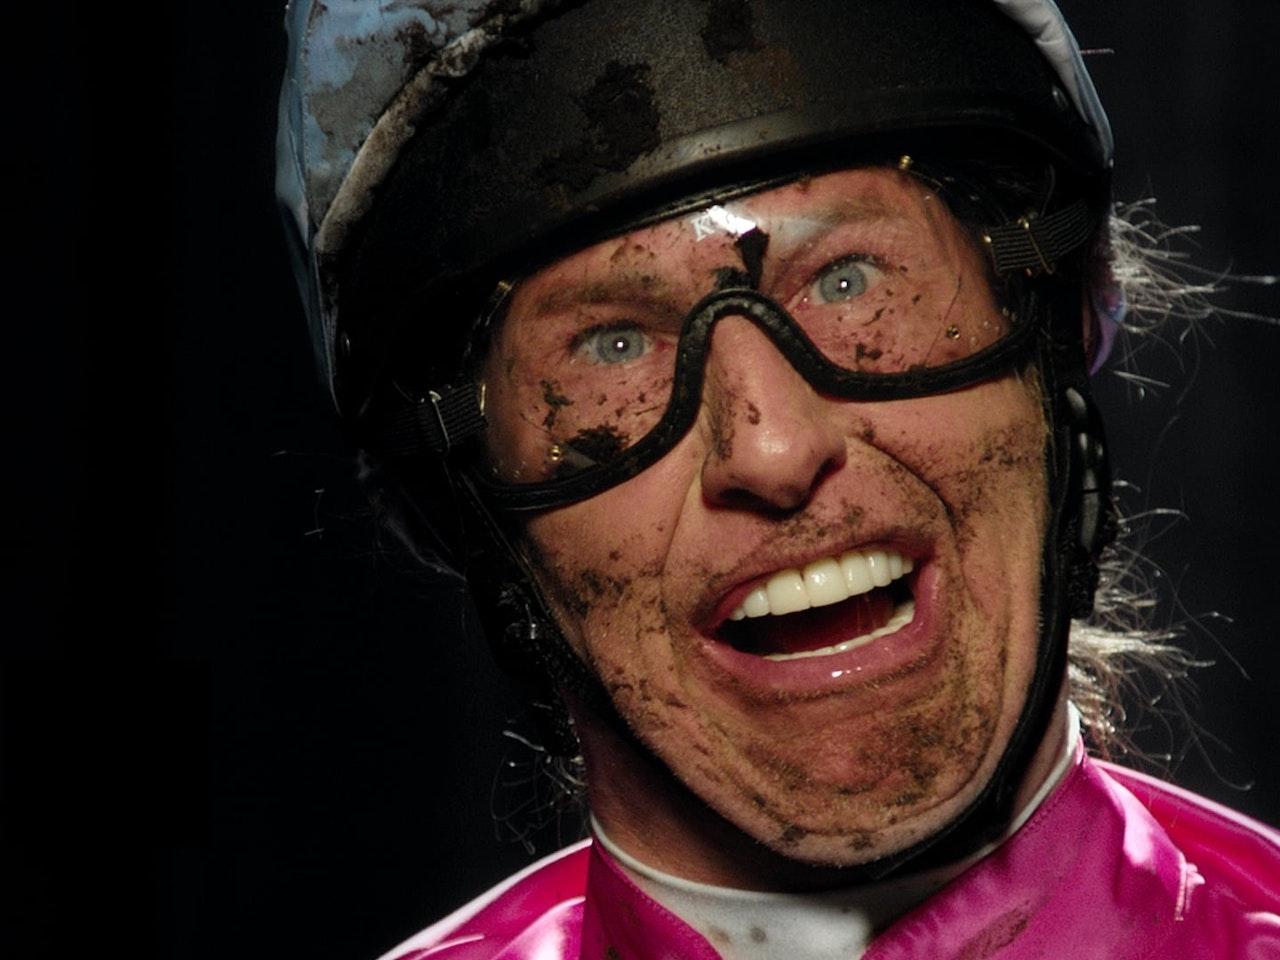 BET VICTOR: 'RACING'